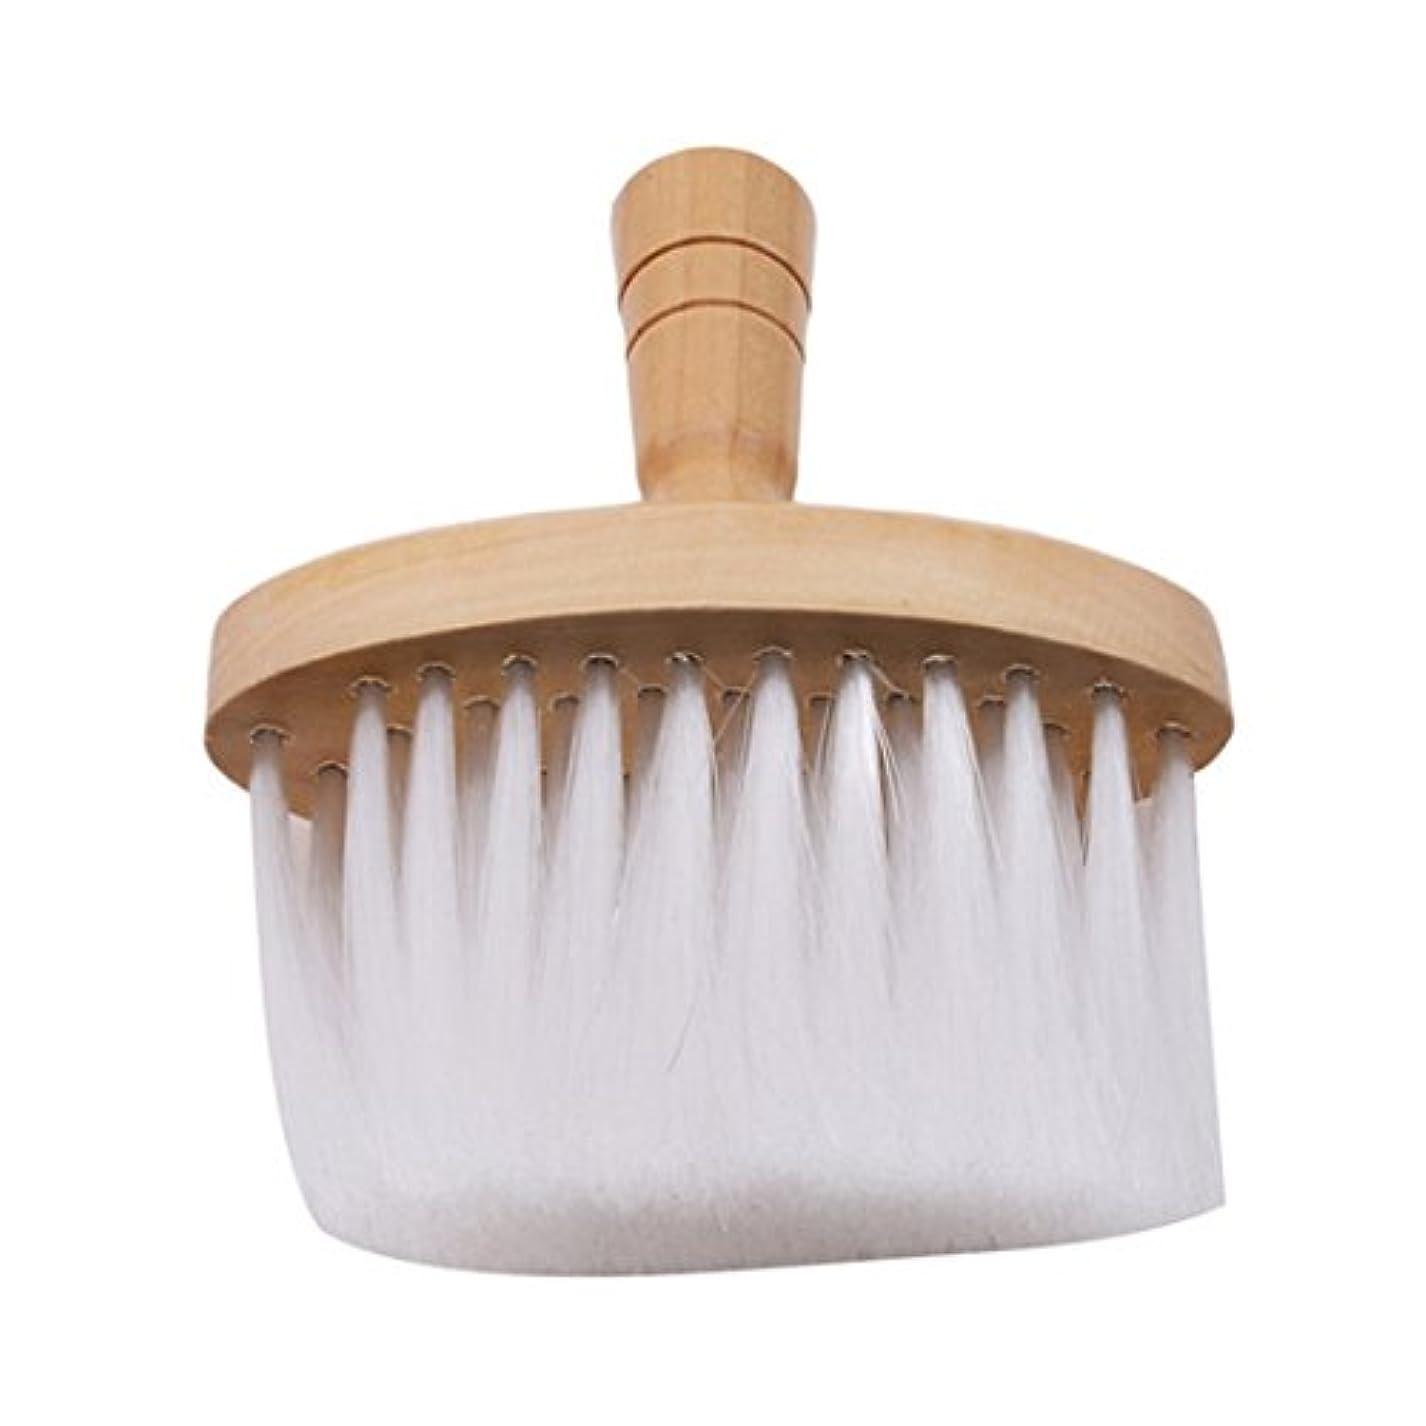 フォアタイプ化合物見通しVWHプロフェッショナルバーバーブラシ 木製ネックフェイスブラシサロンネックダスターブラシ 理髪 ヘアカット